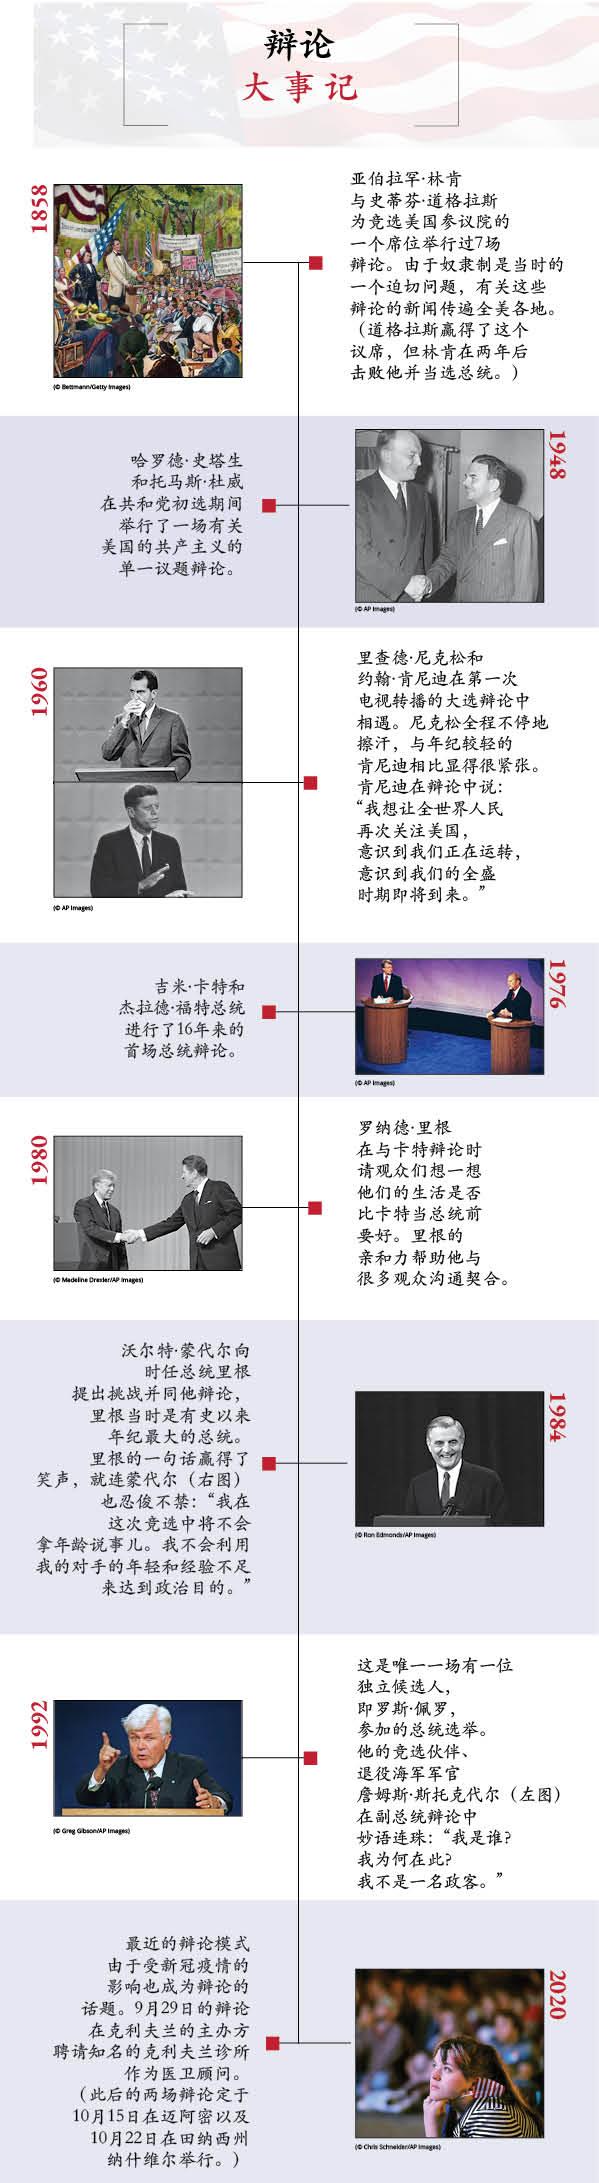 总统辩论大事记:1858年、1948年、1960年、1976年、1980年、1984 年和1992年(Photos: © Getty Images and AP Images)